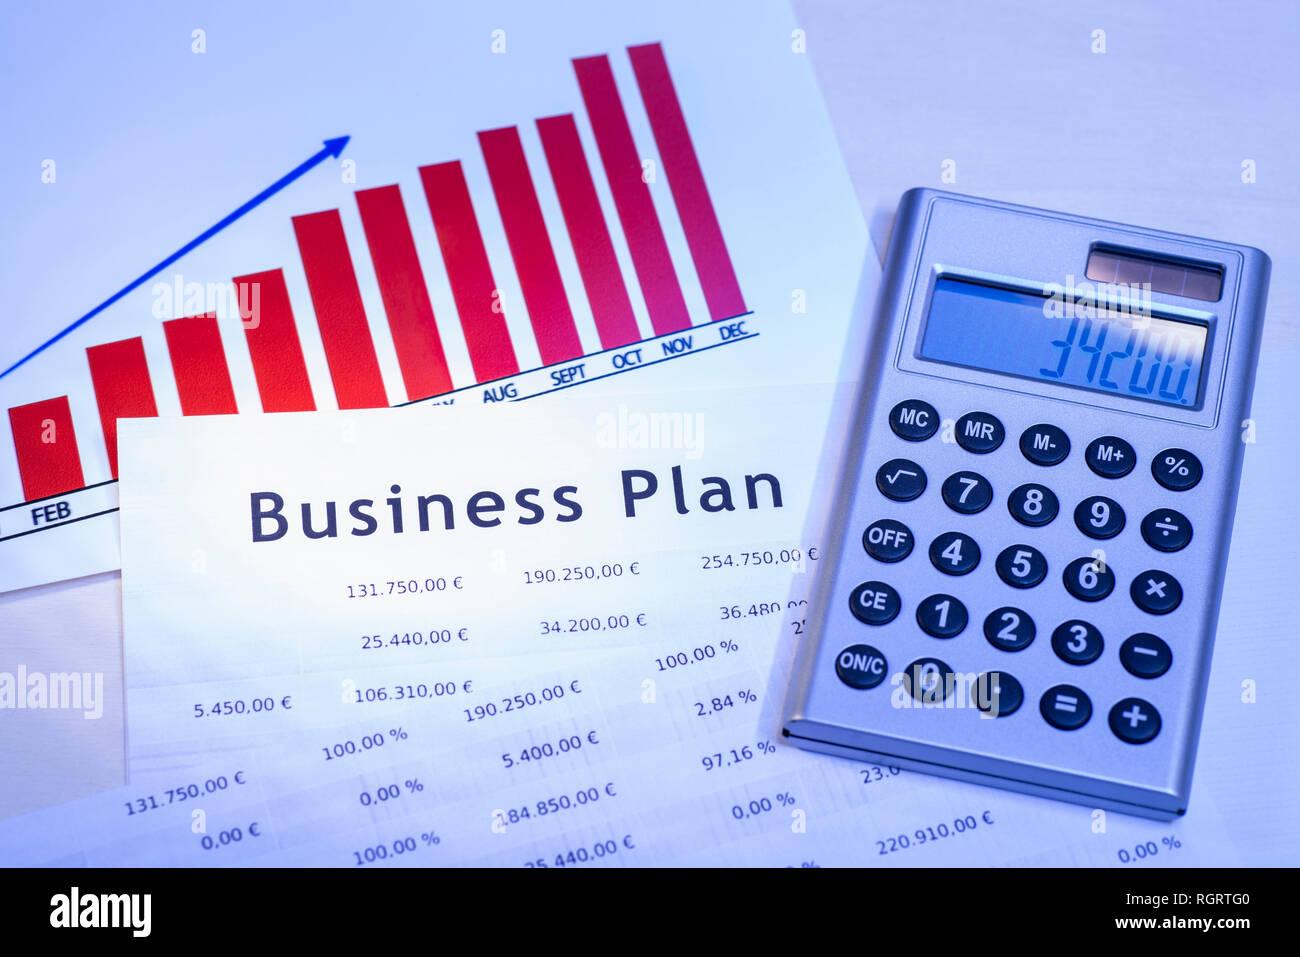 Business Plan mit Tabellen, Graphen und einen Taschenrechner. Stockbild